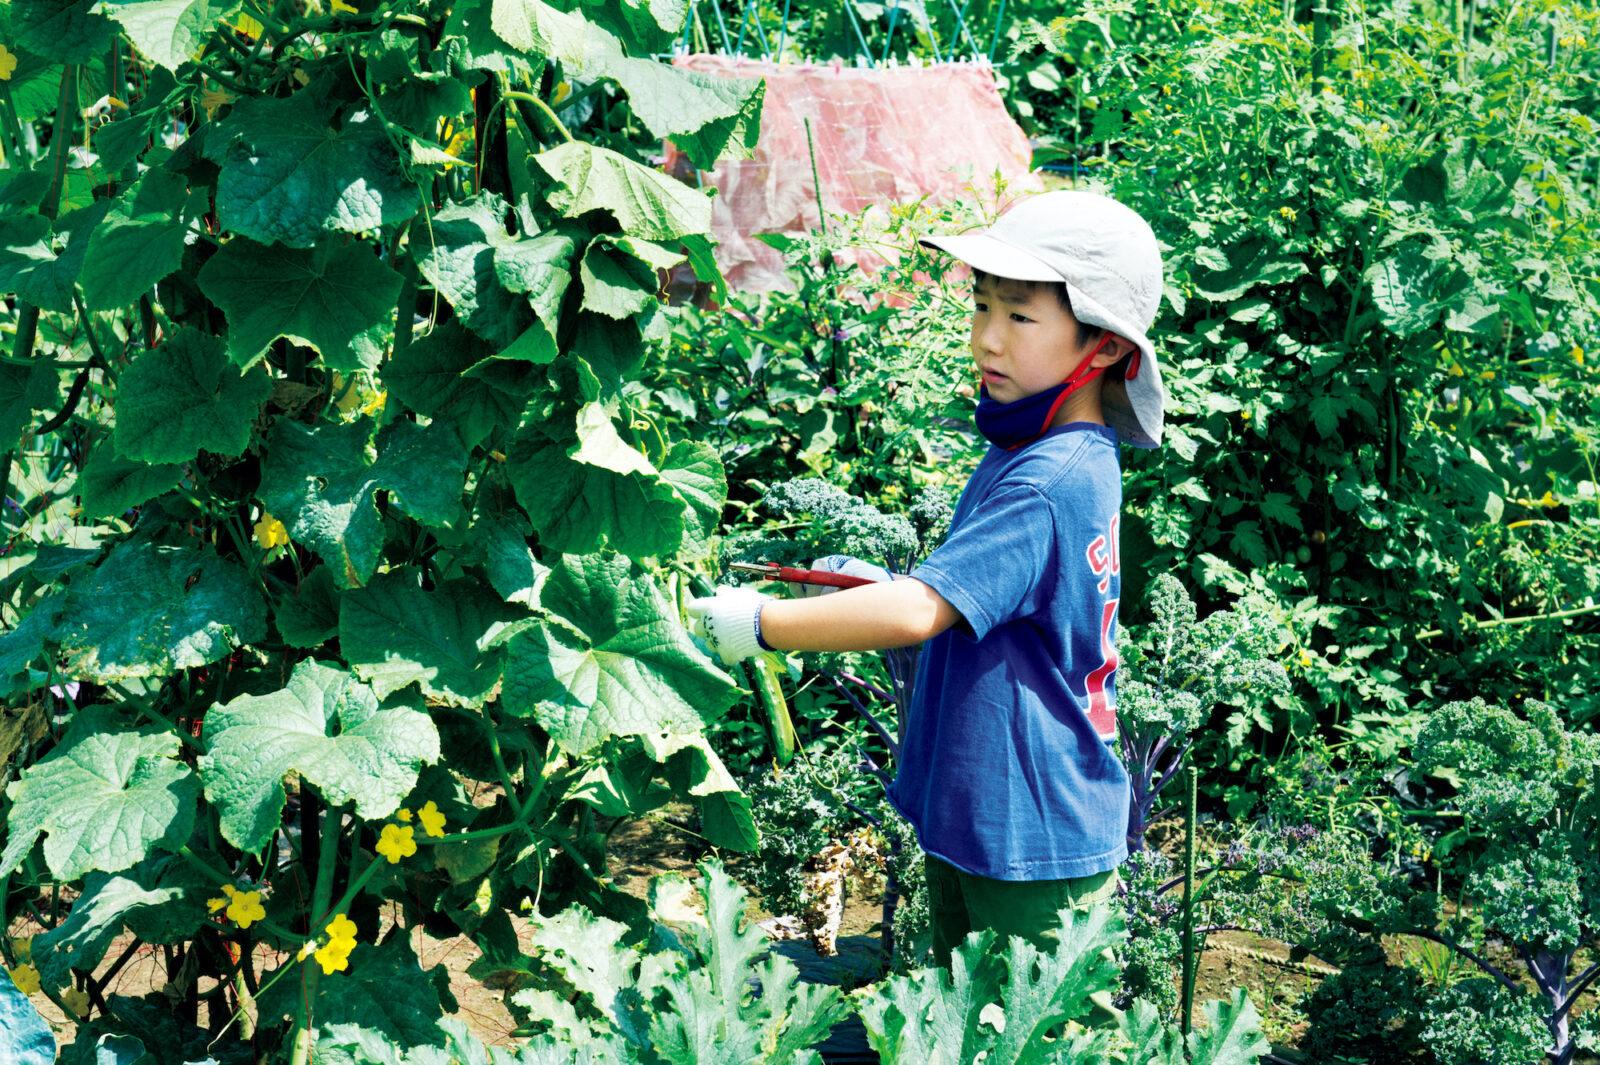 ふだんは夫妻で管理し、収穫時は子供たちも参加する。